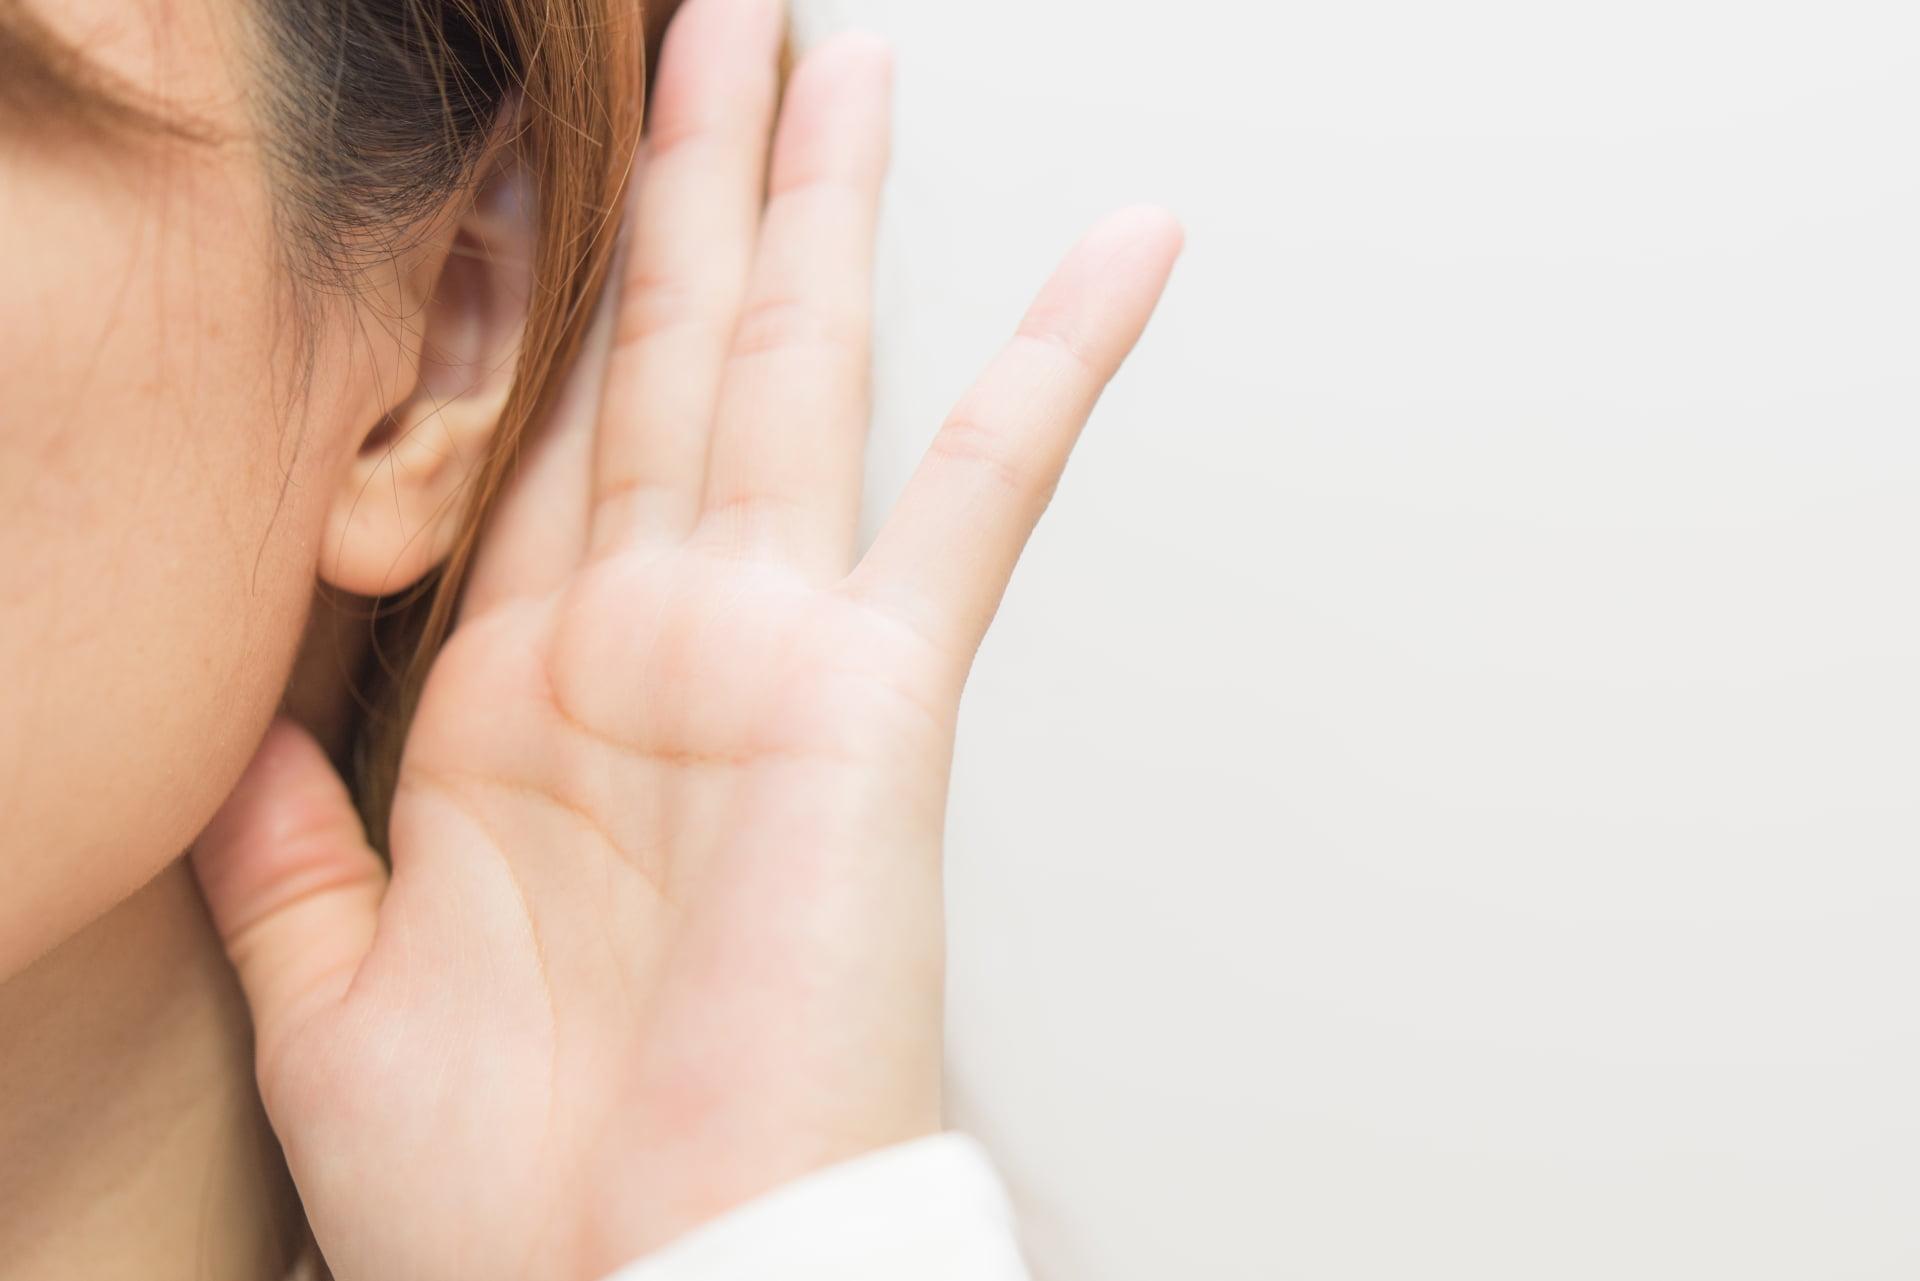 聞き耳を立てる女性